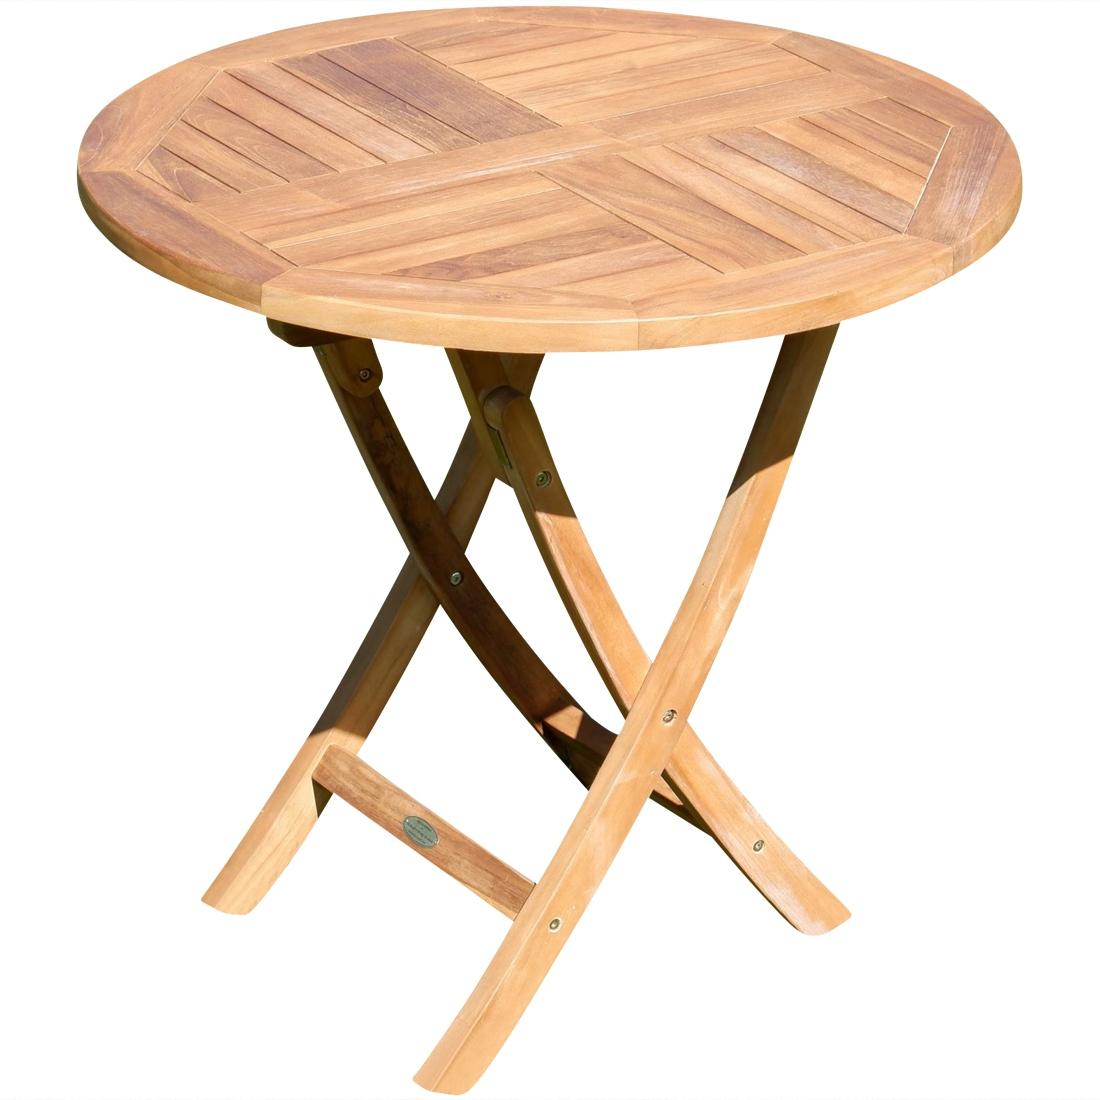 AS S TEAK runder Klapptisch Gartentisch Holztisch Garten Tisch rund 80cm JAV COAMO Teakholz